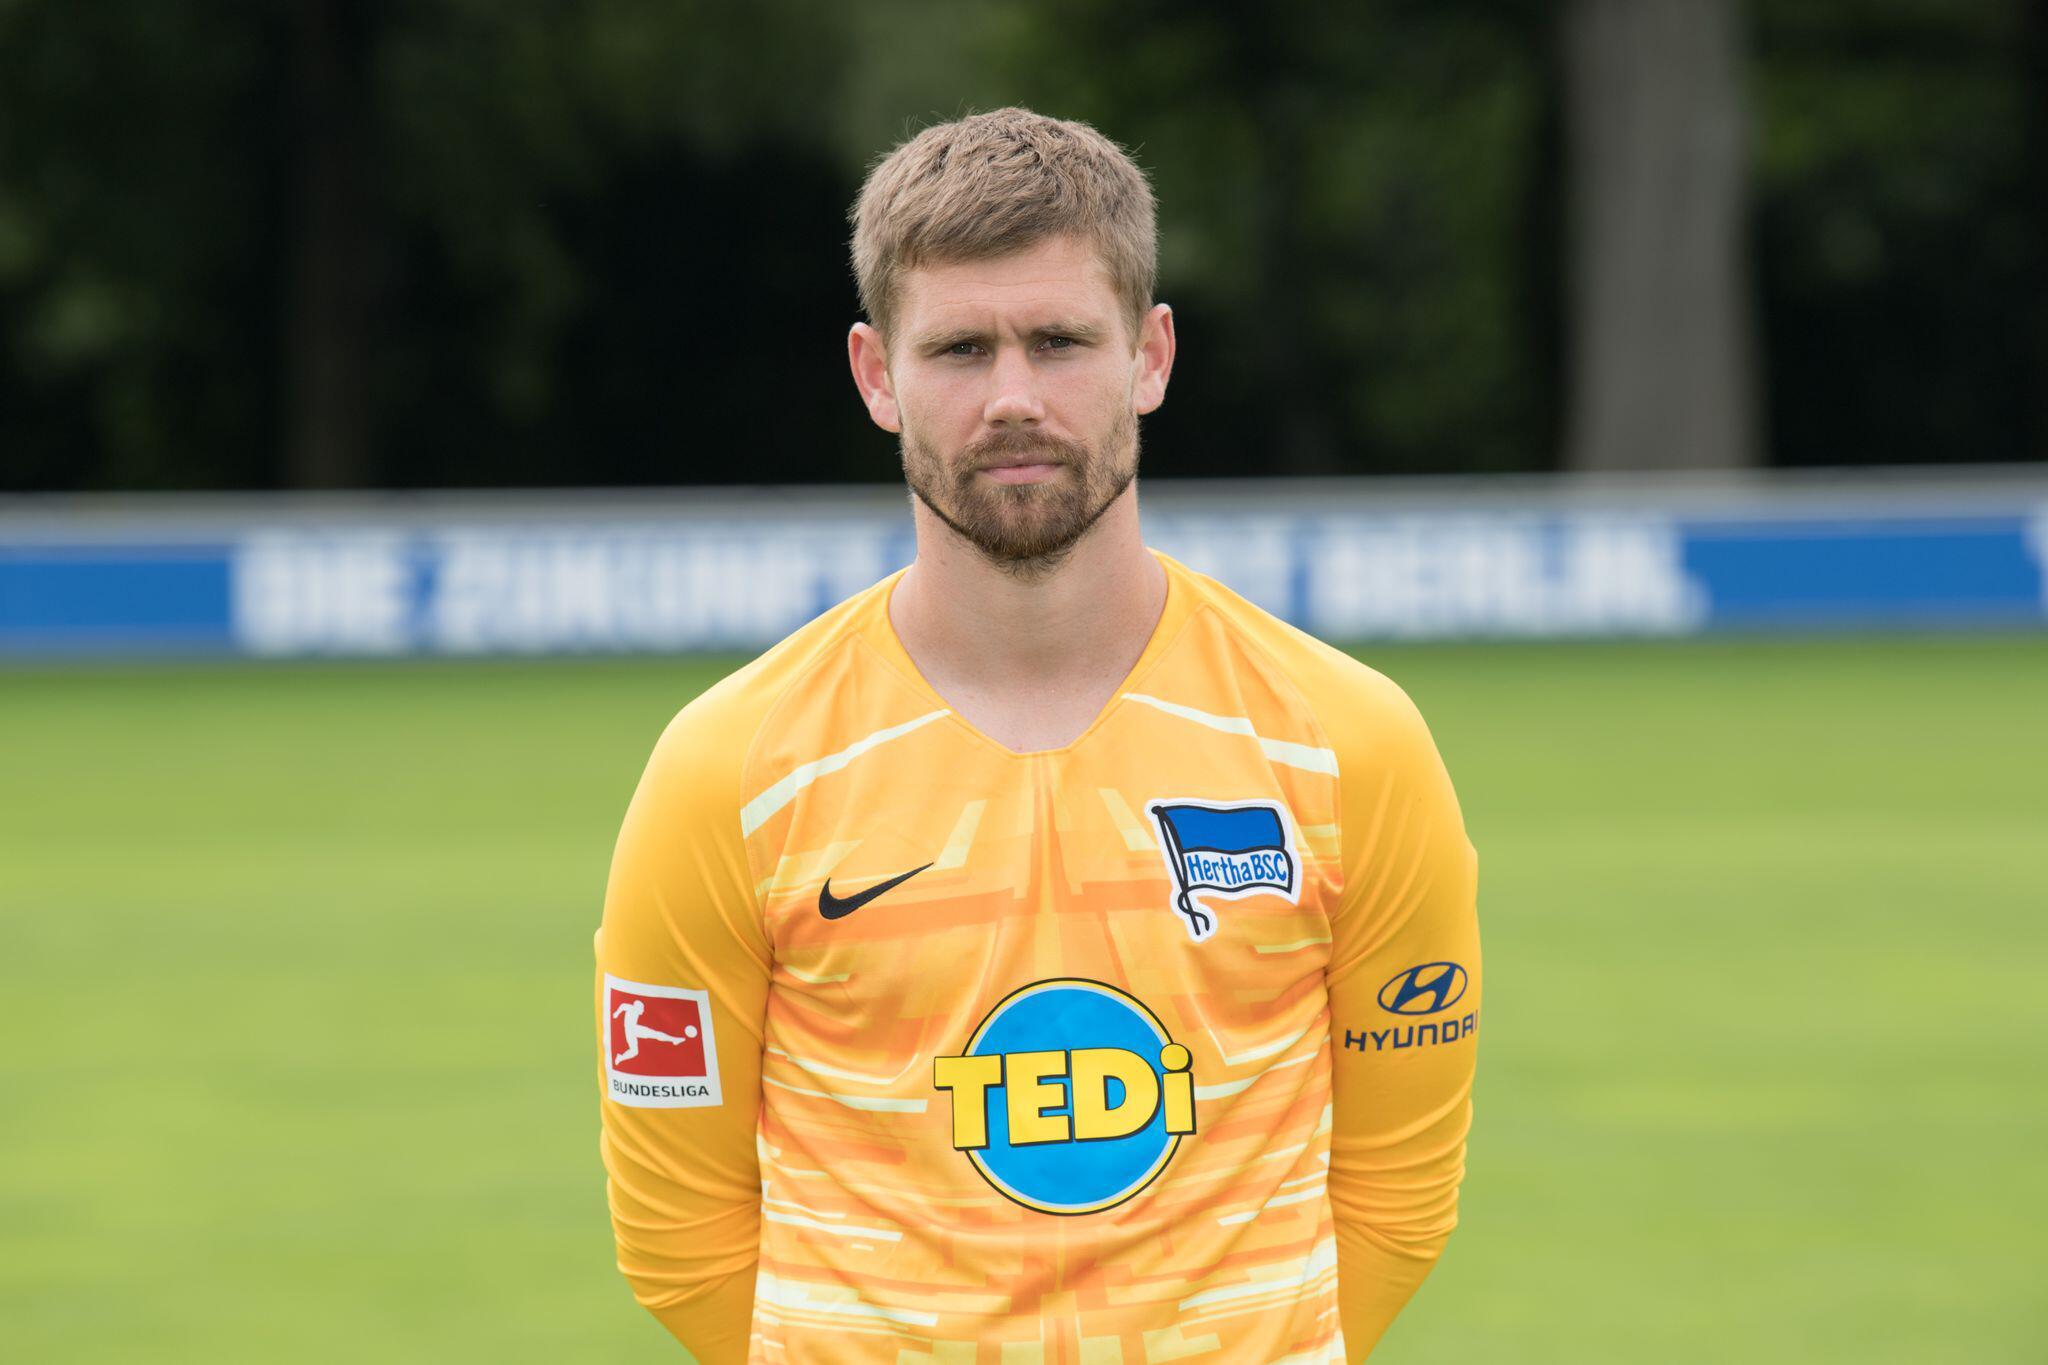 Bild zu Hertha-Torhüter Kraft beendet Fußball-Karriere mit nur 31 Jahren